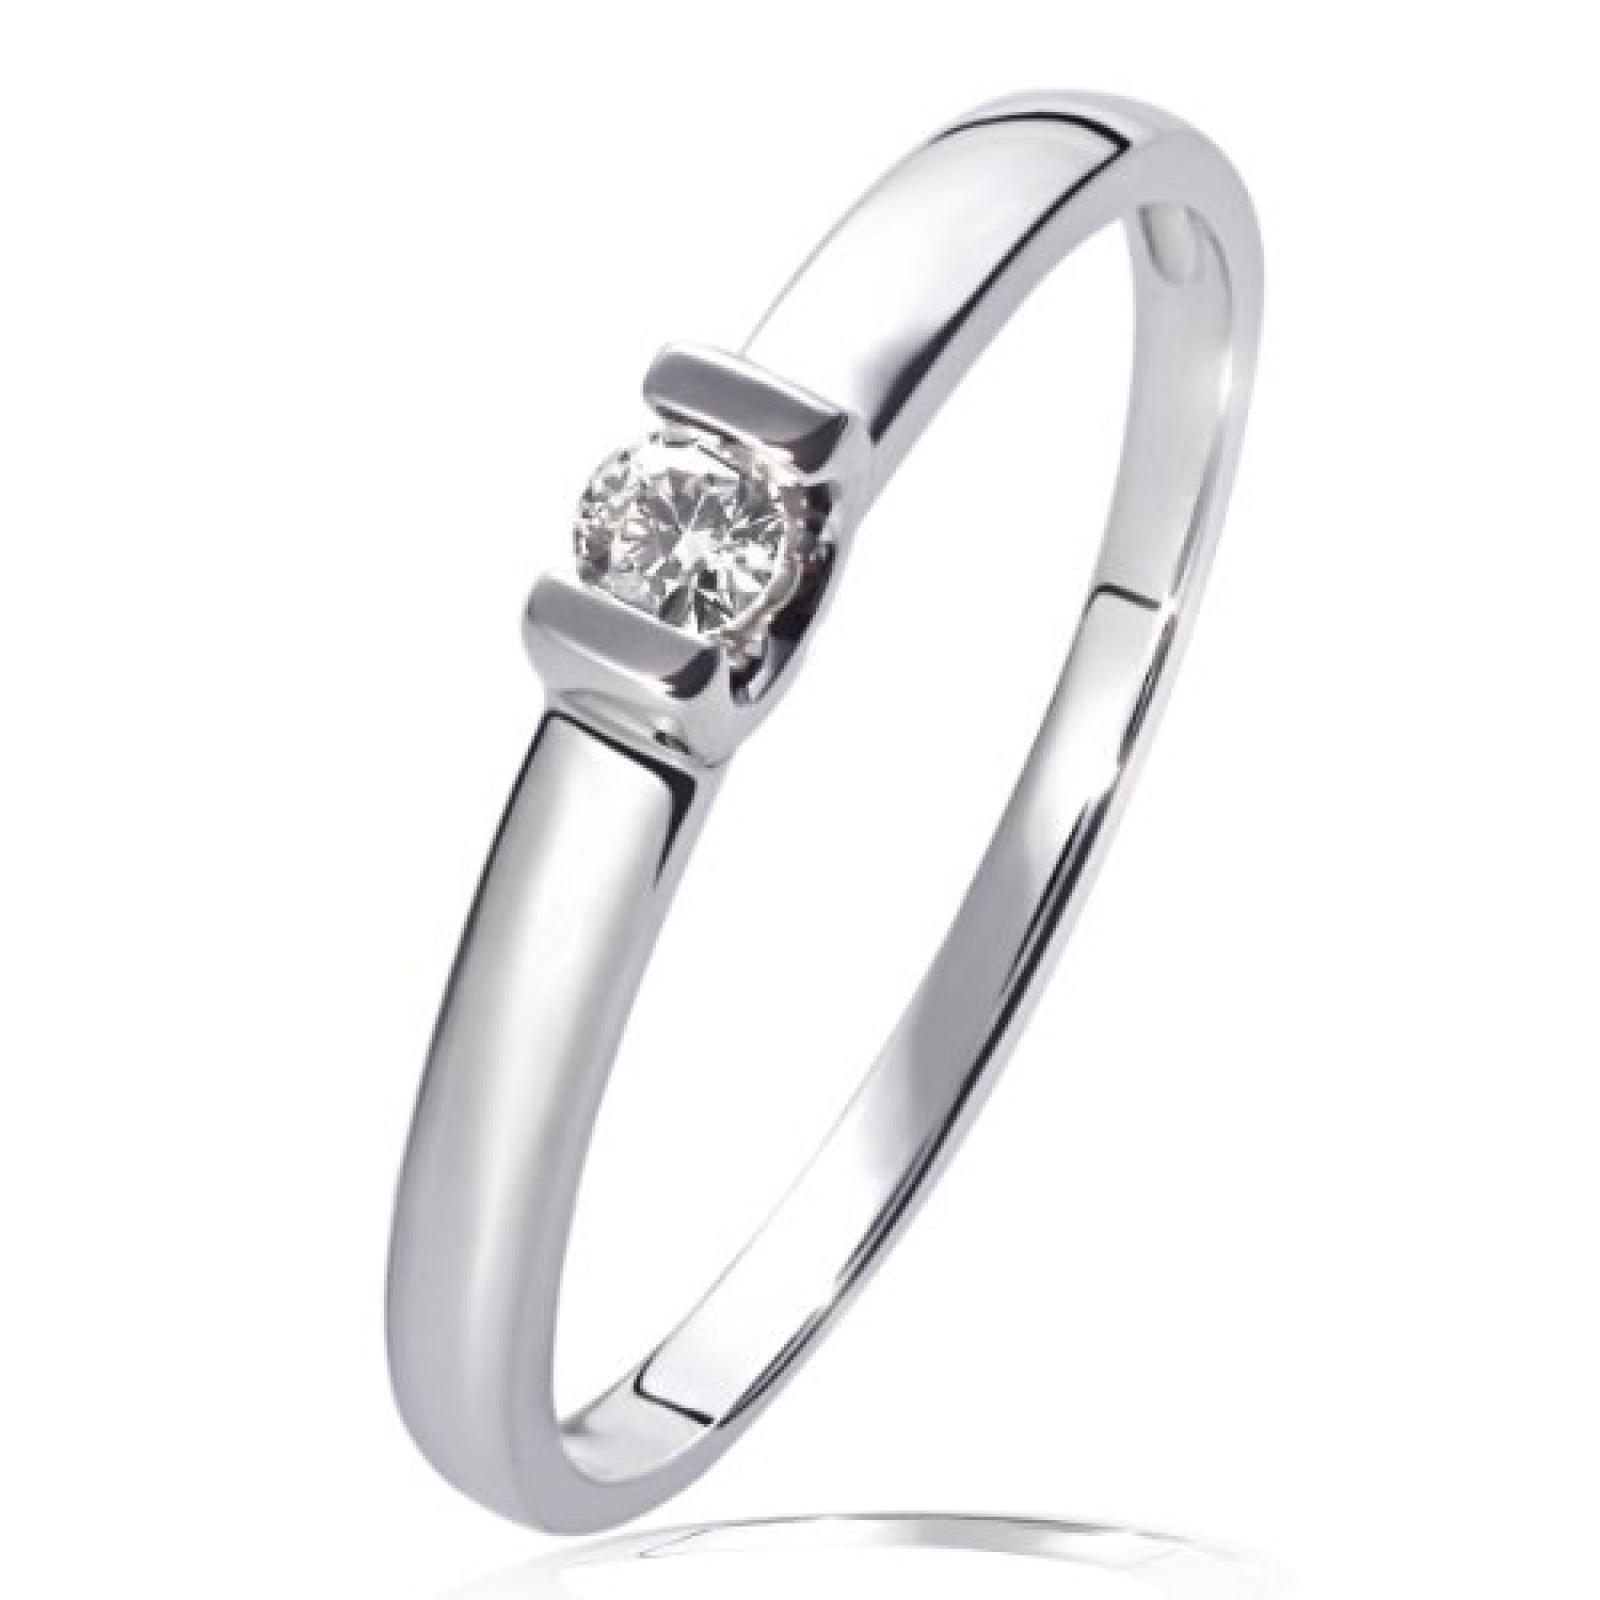 Goldmaid Damen-Verlobungsring 585 Weißgold 1 Brillant 0,08ct So R3571WG